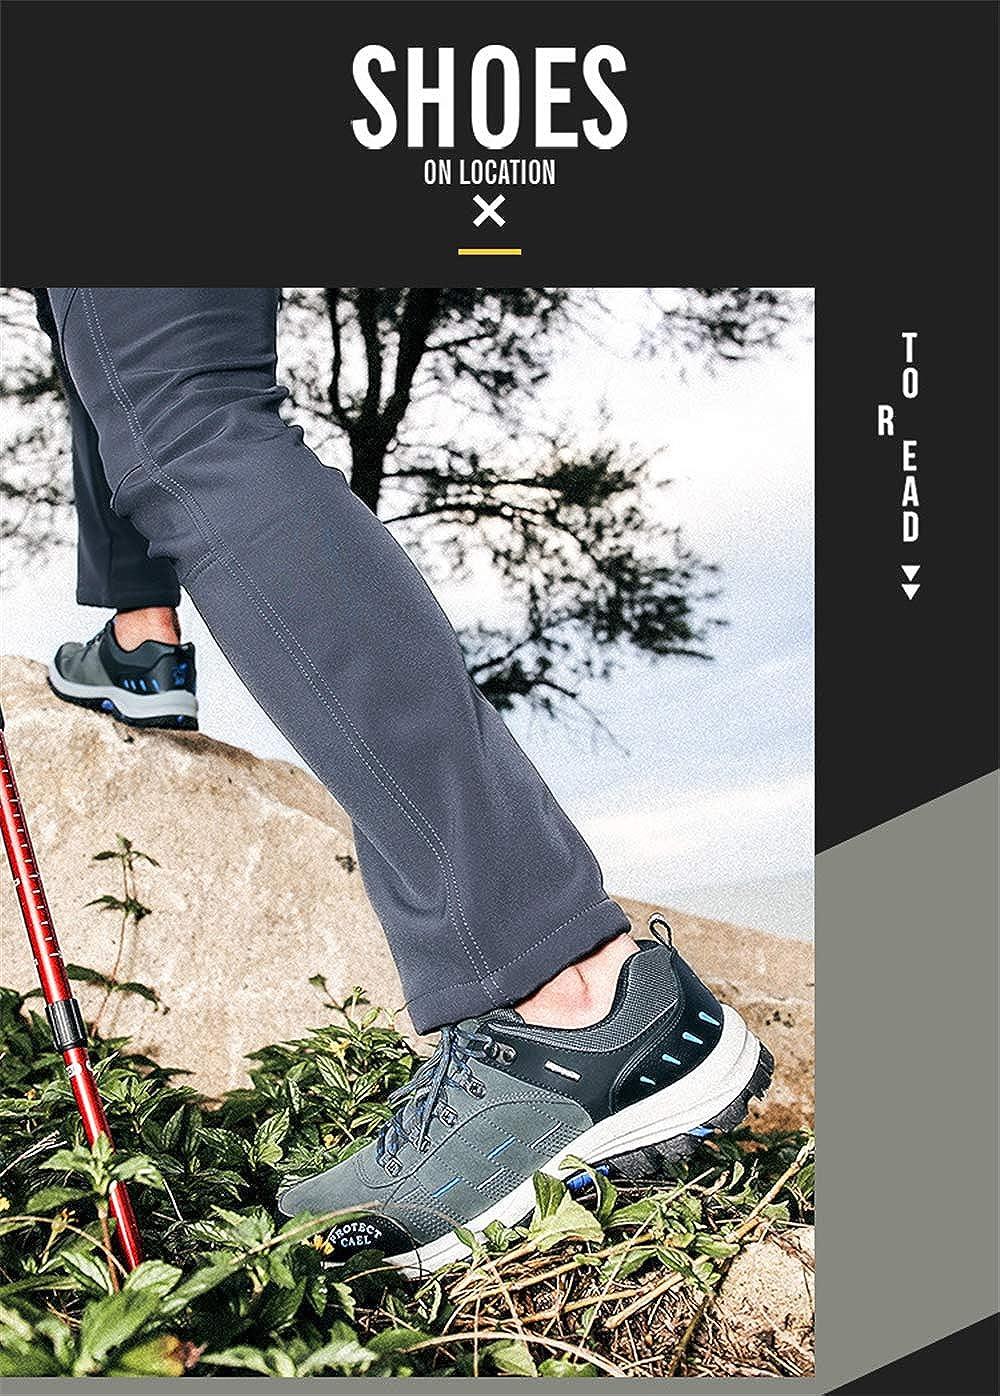 m. / portent mme mika cdm hommes portent / des chaussures de randonnée sentier extérieur résistant imperméable en gros que nos produits souliers à la boutique bw9918 chercher au monde 51b14e